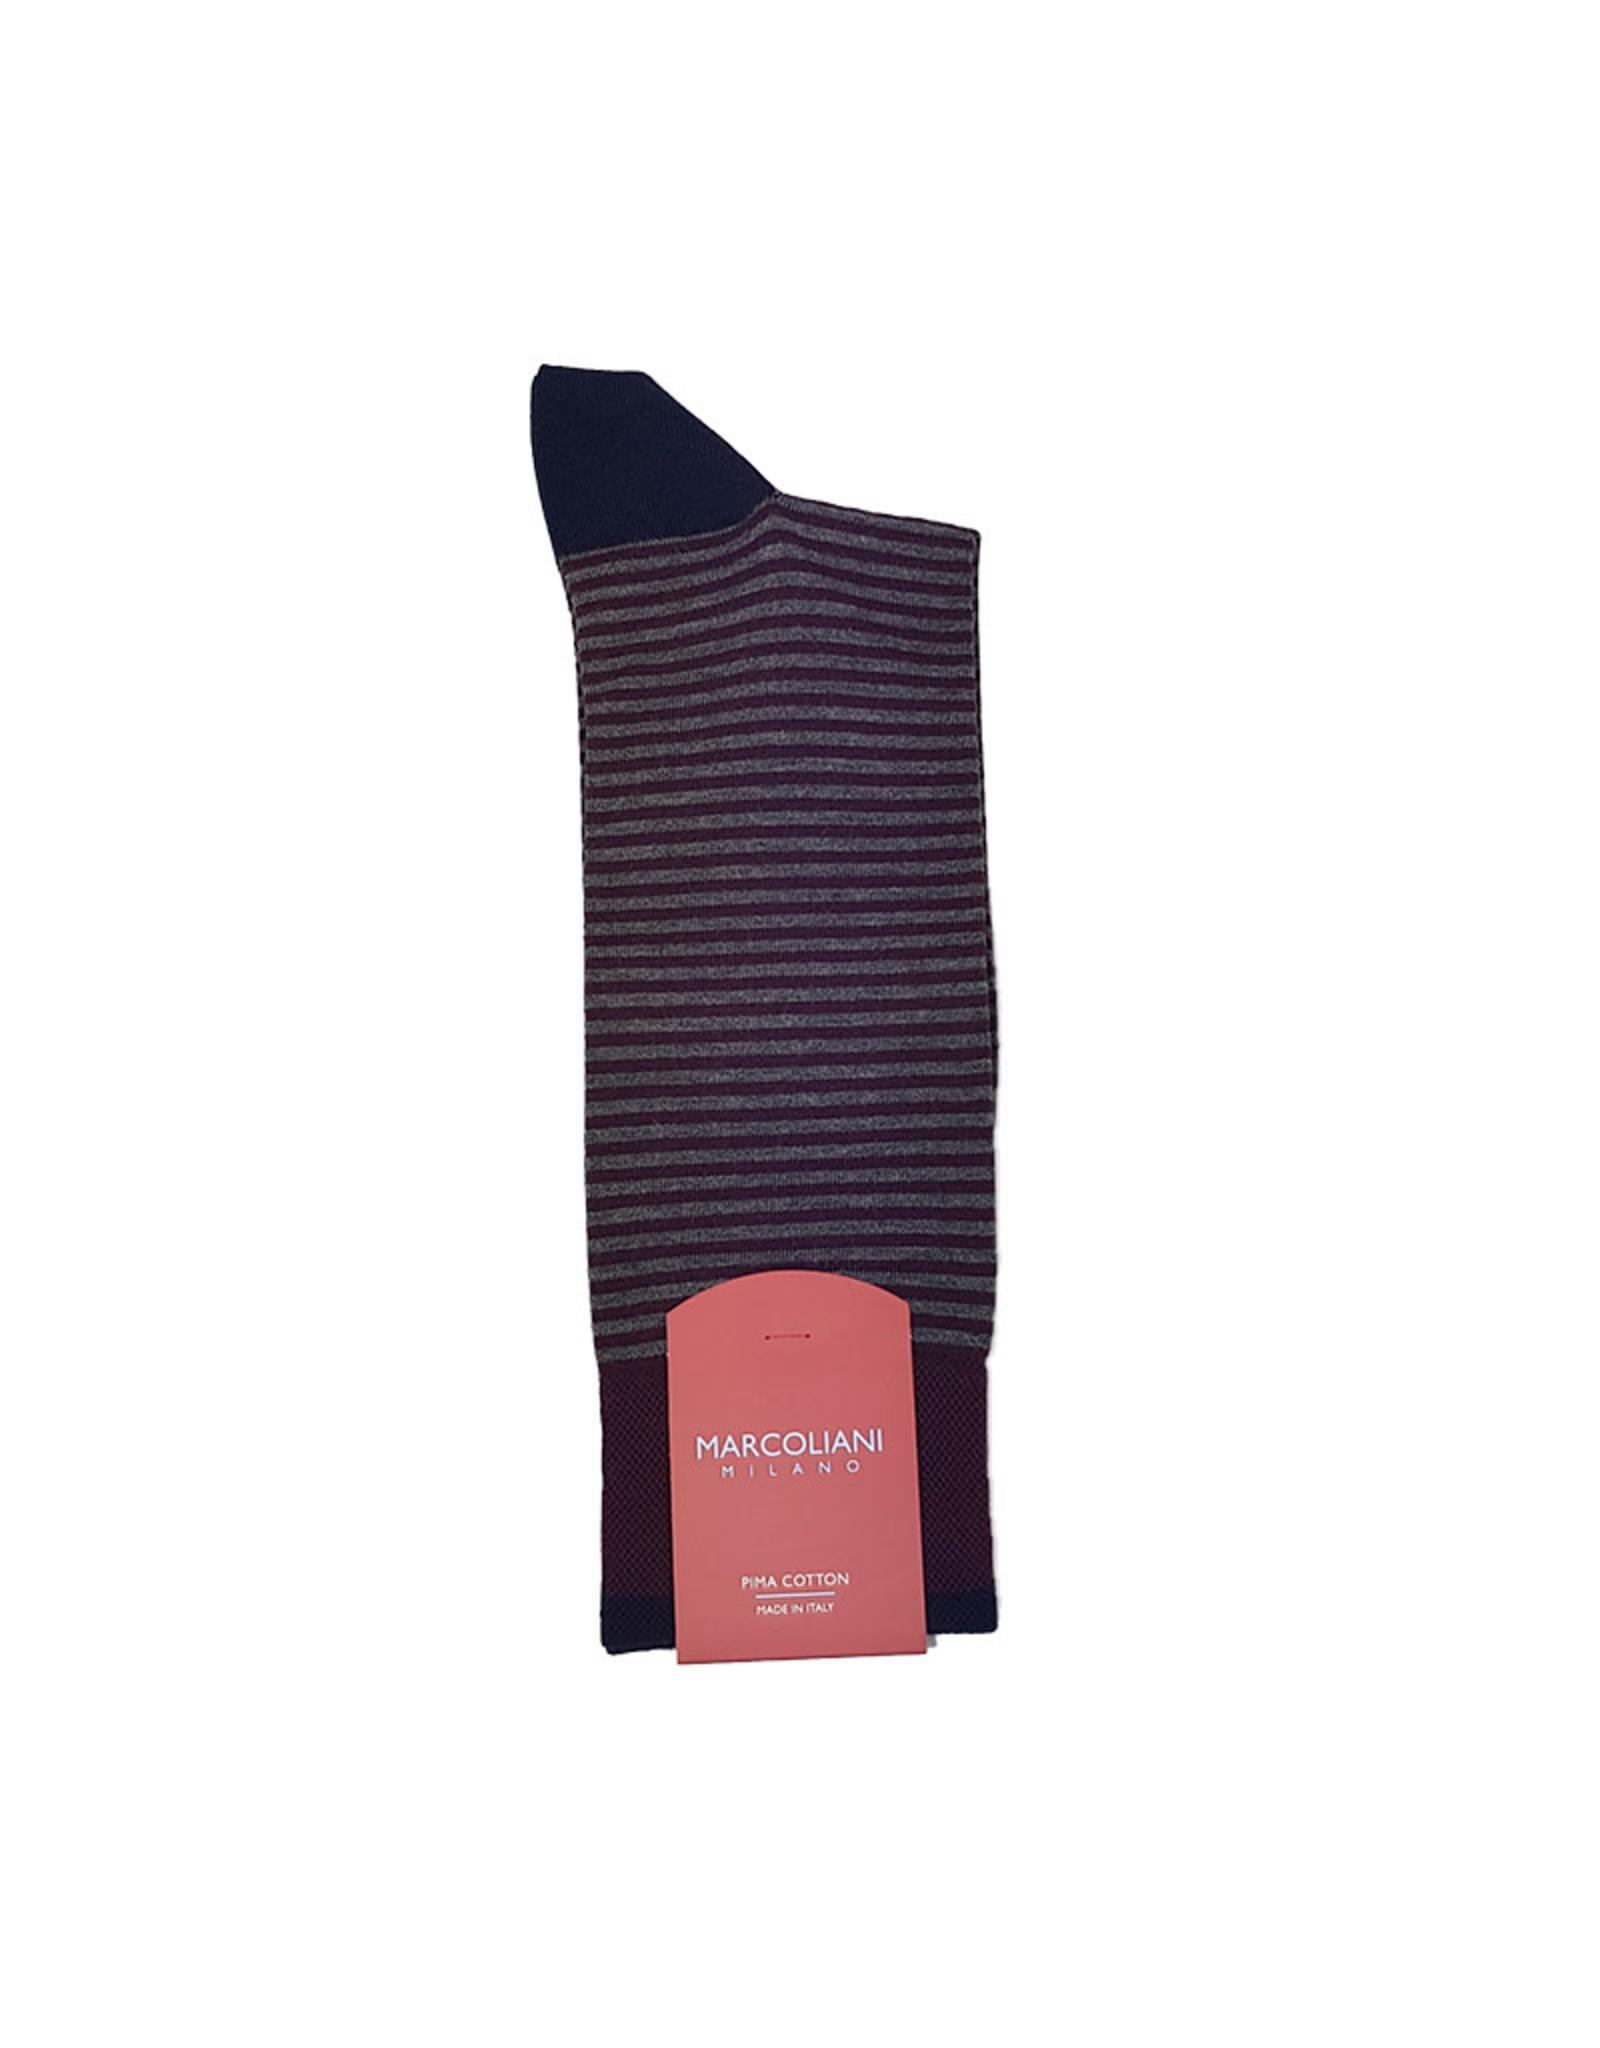 Marcoliani Marcoliani sokken bordeaux-grijs 3231T/283